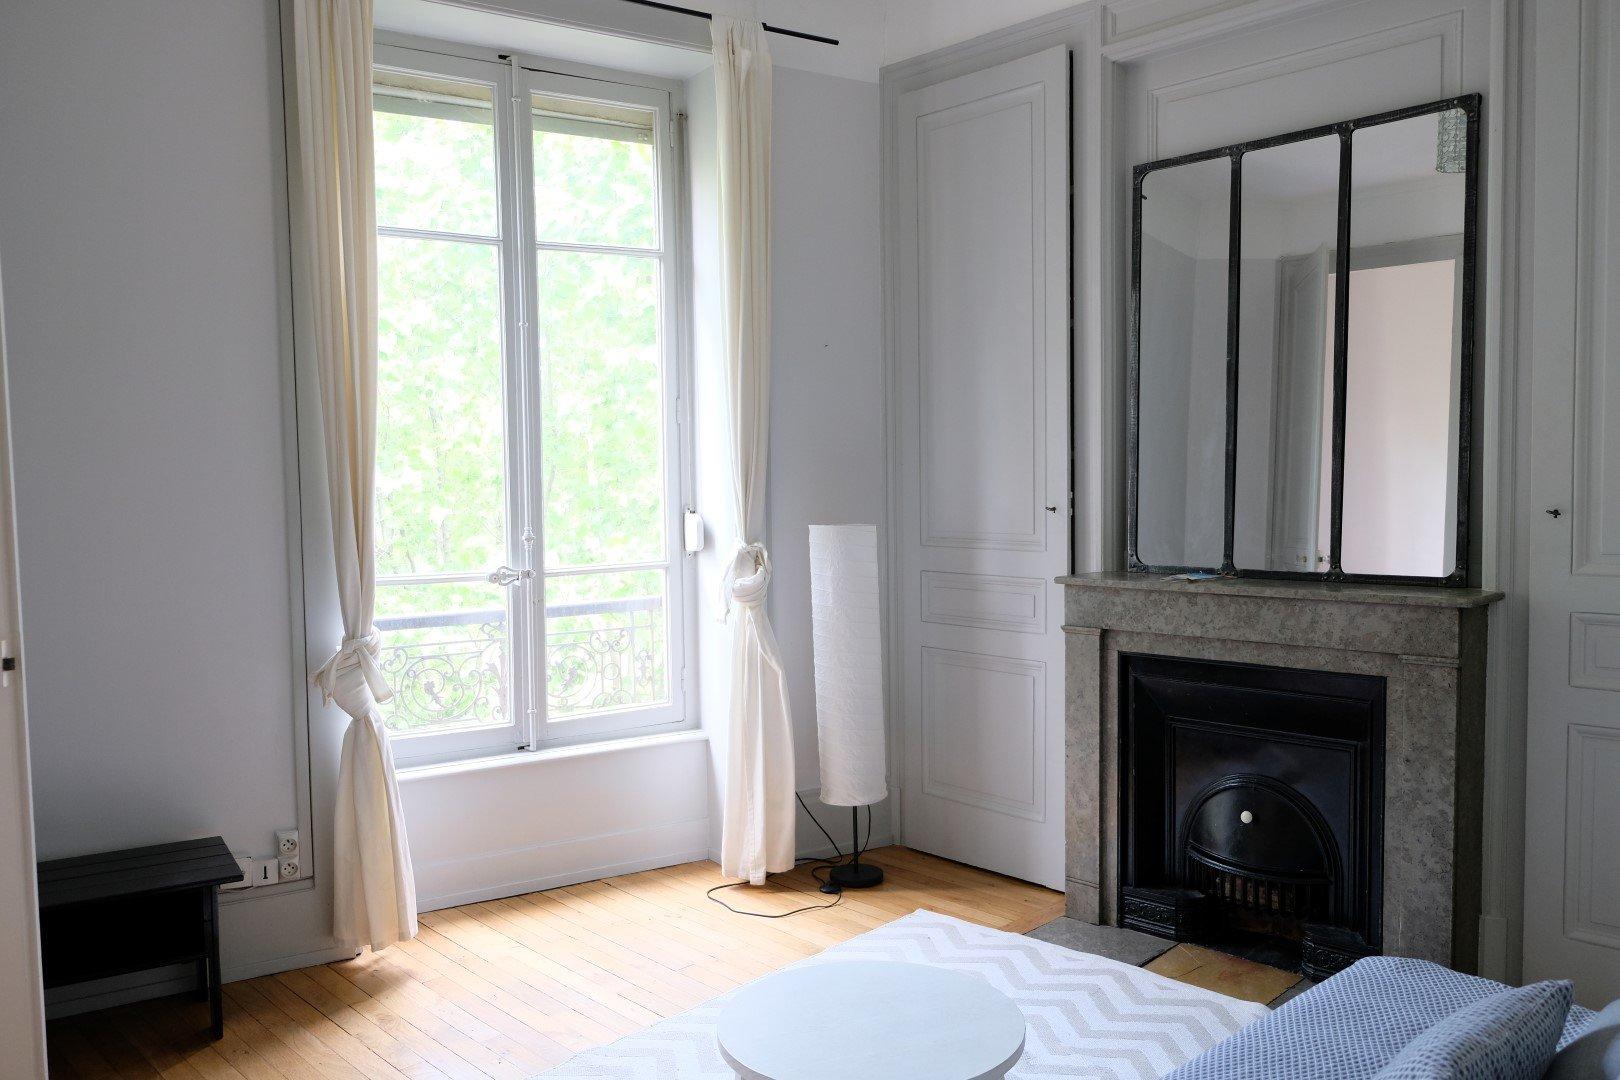 Location Appartement Surface de 33.11 m², 2 pièces, Lyon 7ème (69007)